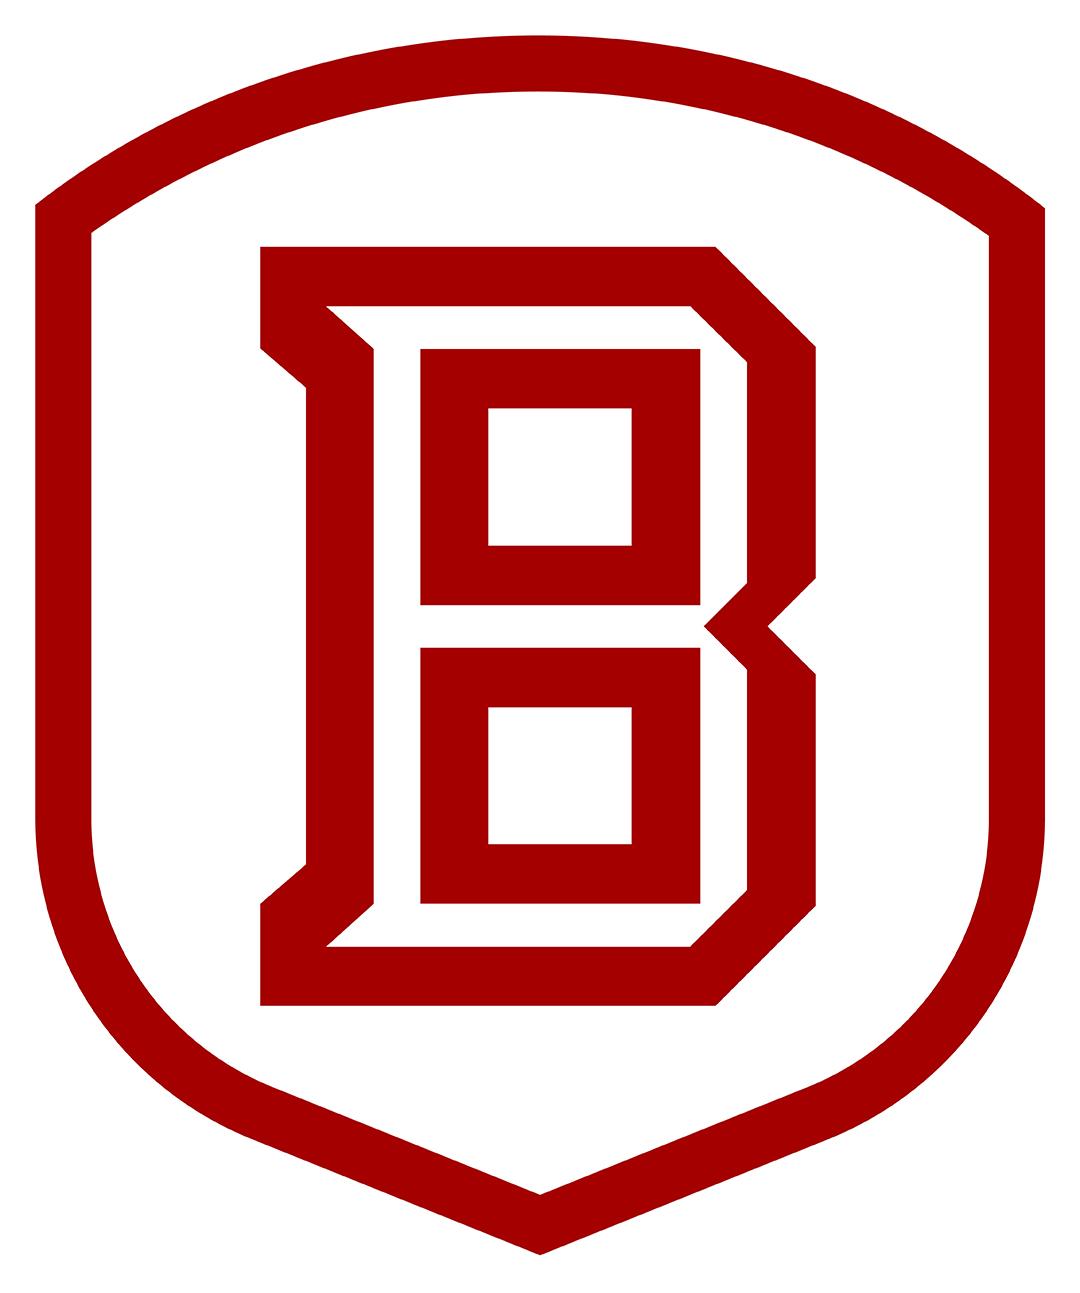 Bradley University, Smith Career Center Employer Services - Carmen Umberger